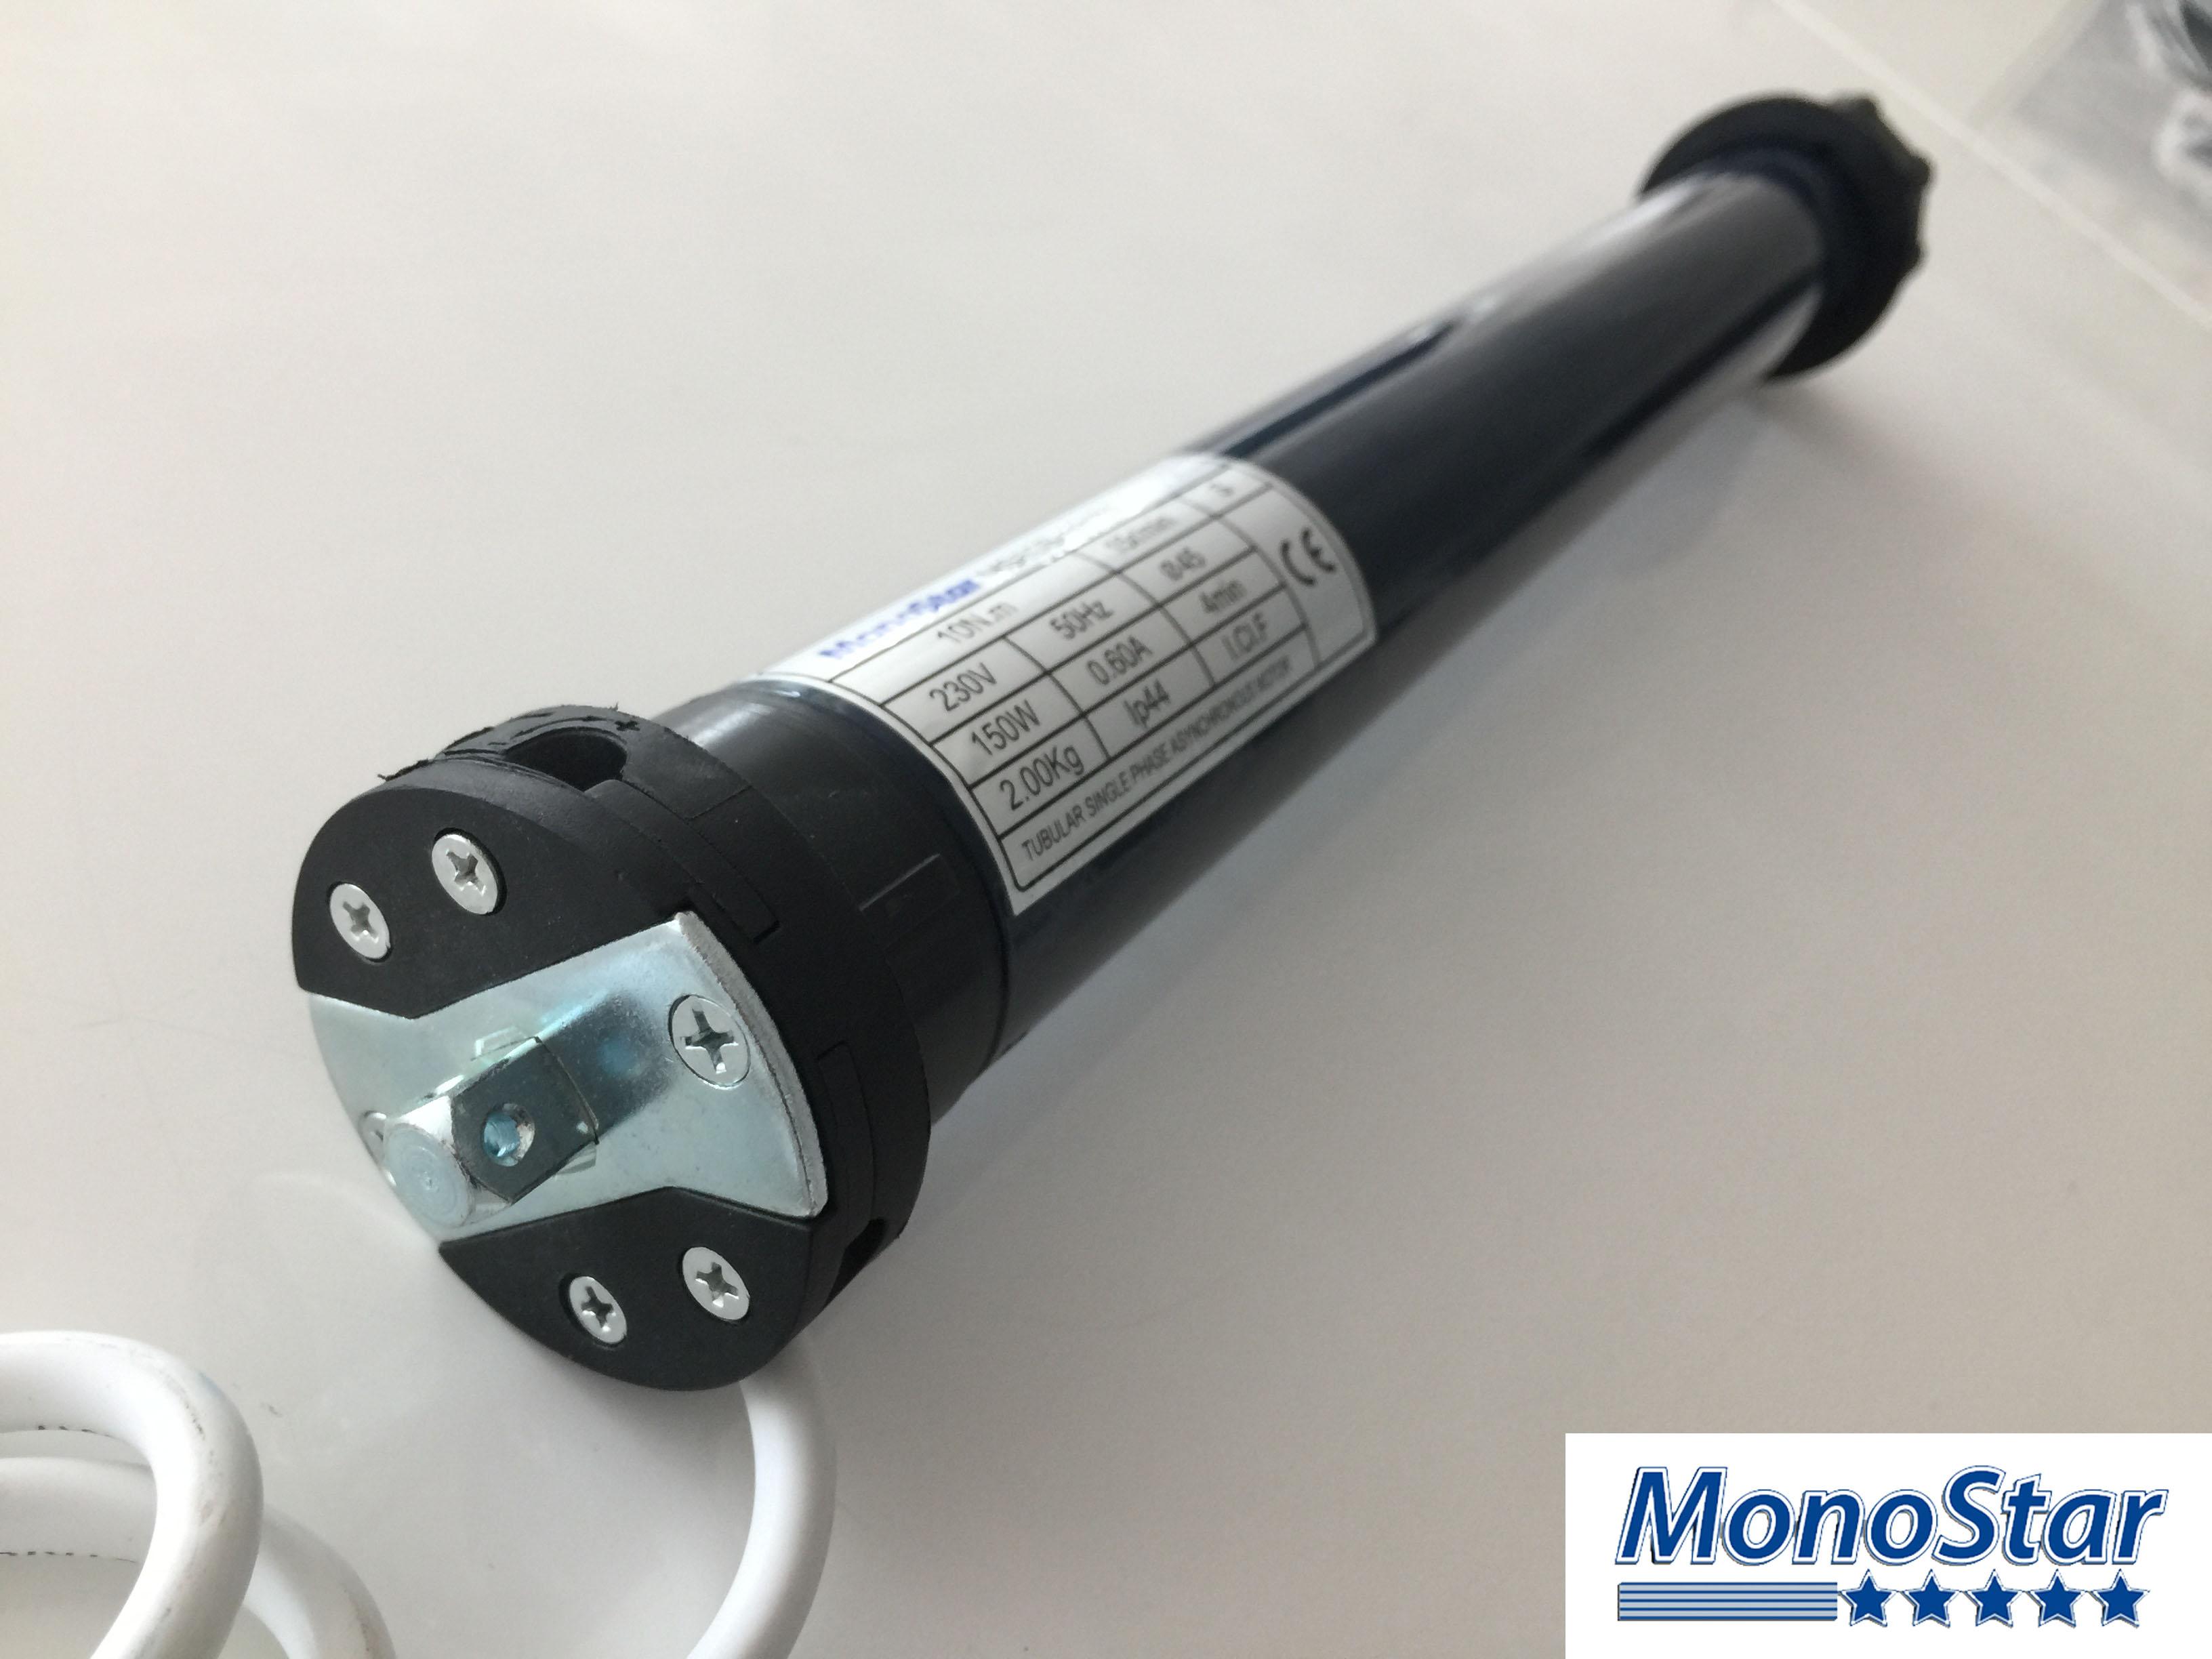 Monostar